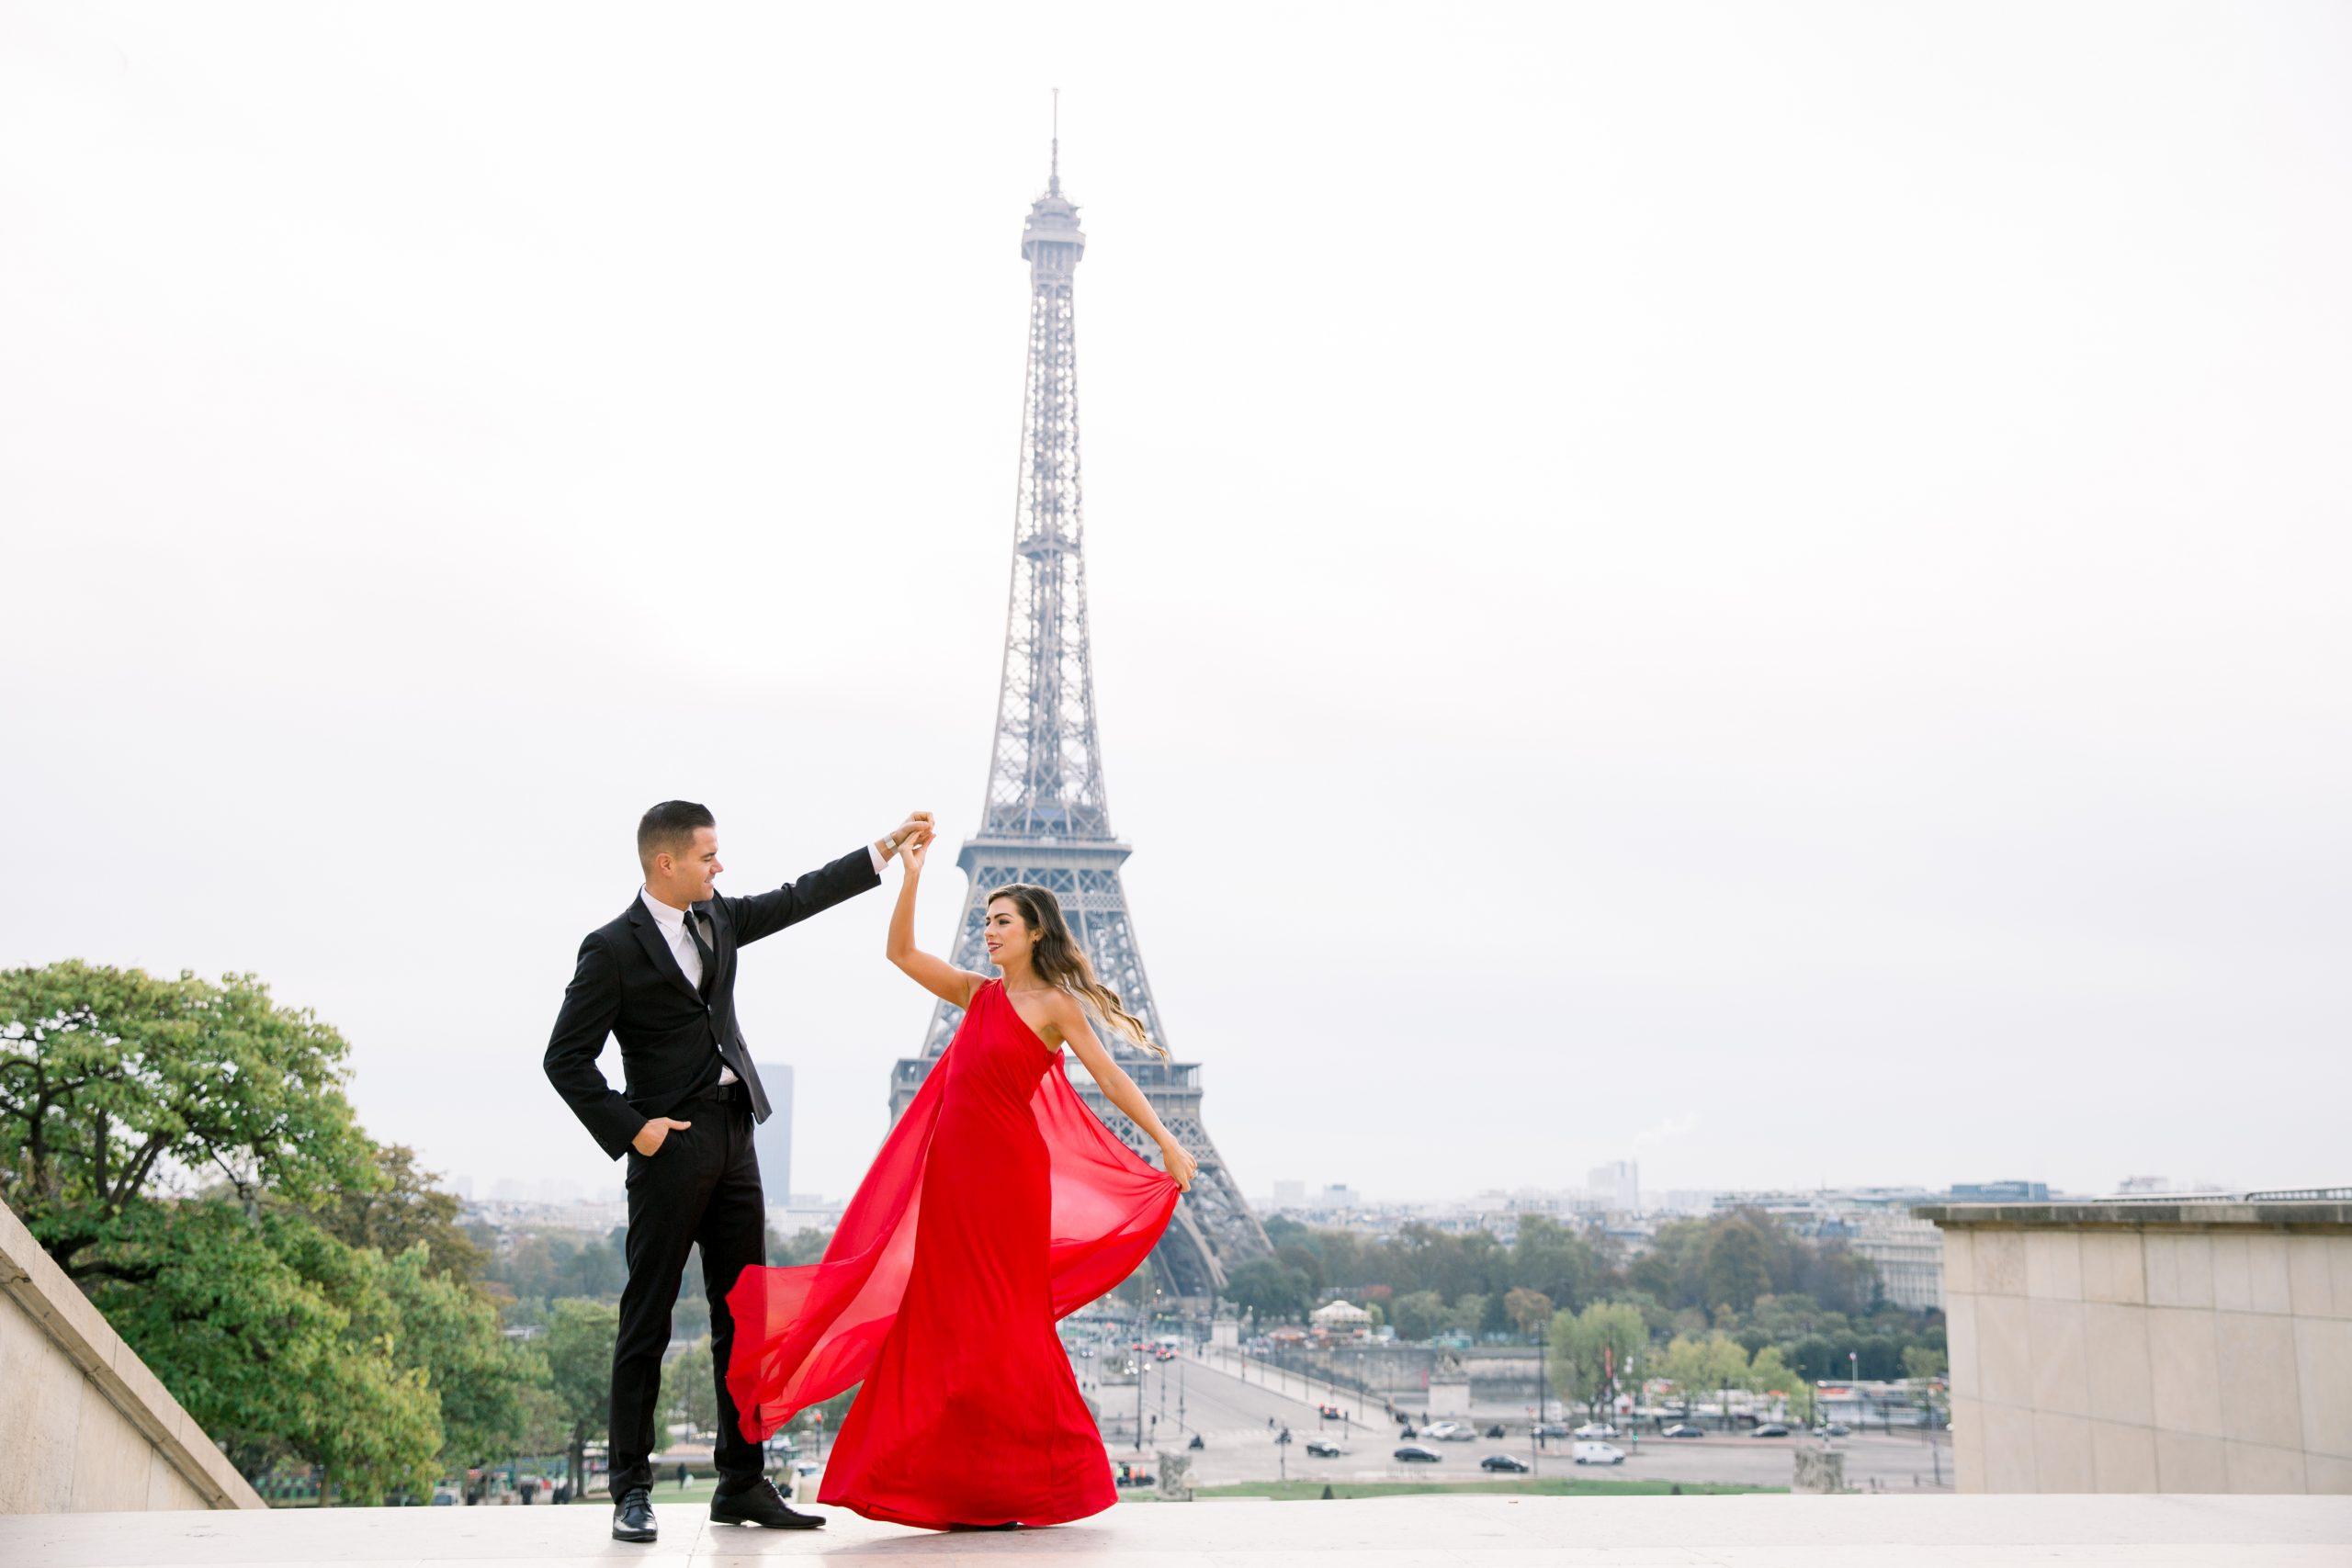 Eiffel Tower to reopen on June 25 since coronavirus lockdown